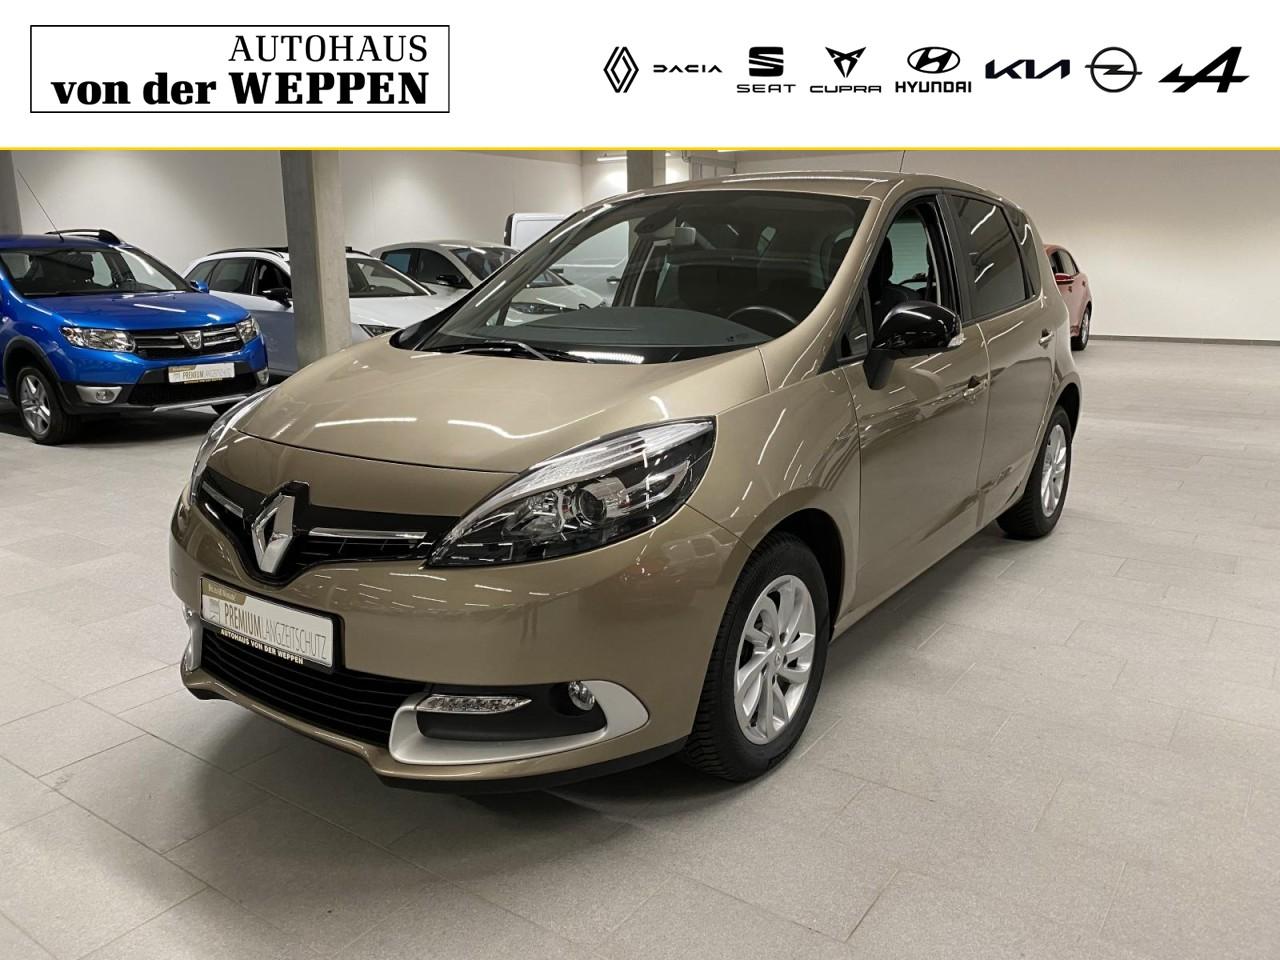 Renault Scenic III Limited Klima Navi SHZ Einparkhilfe, Jahr 2016, Diesel